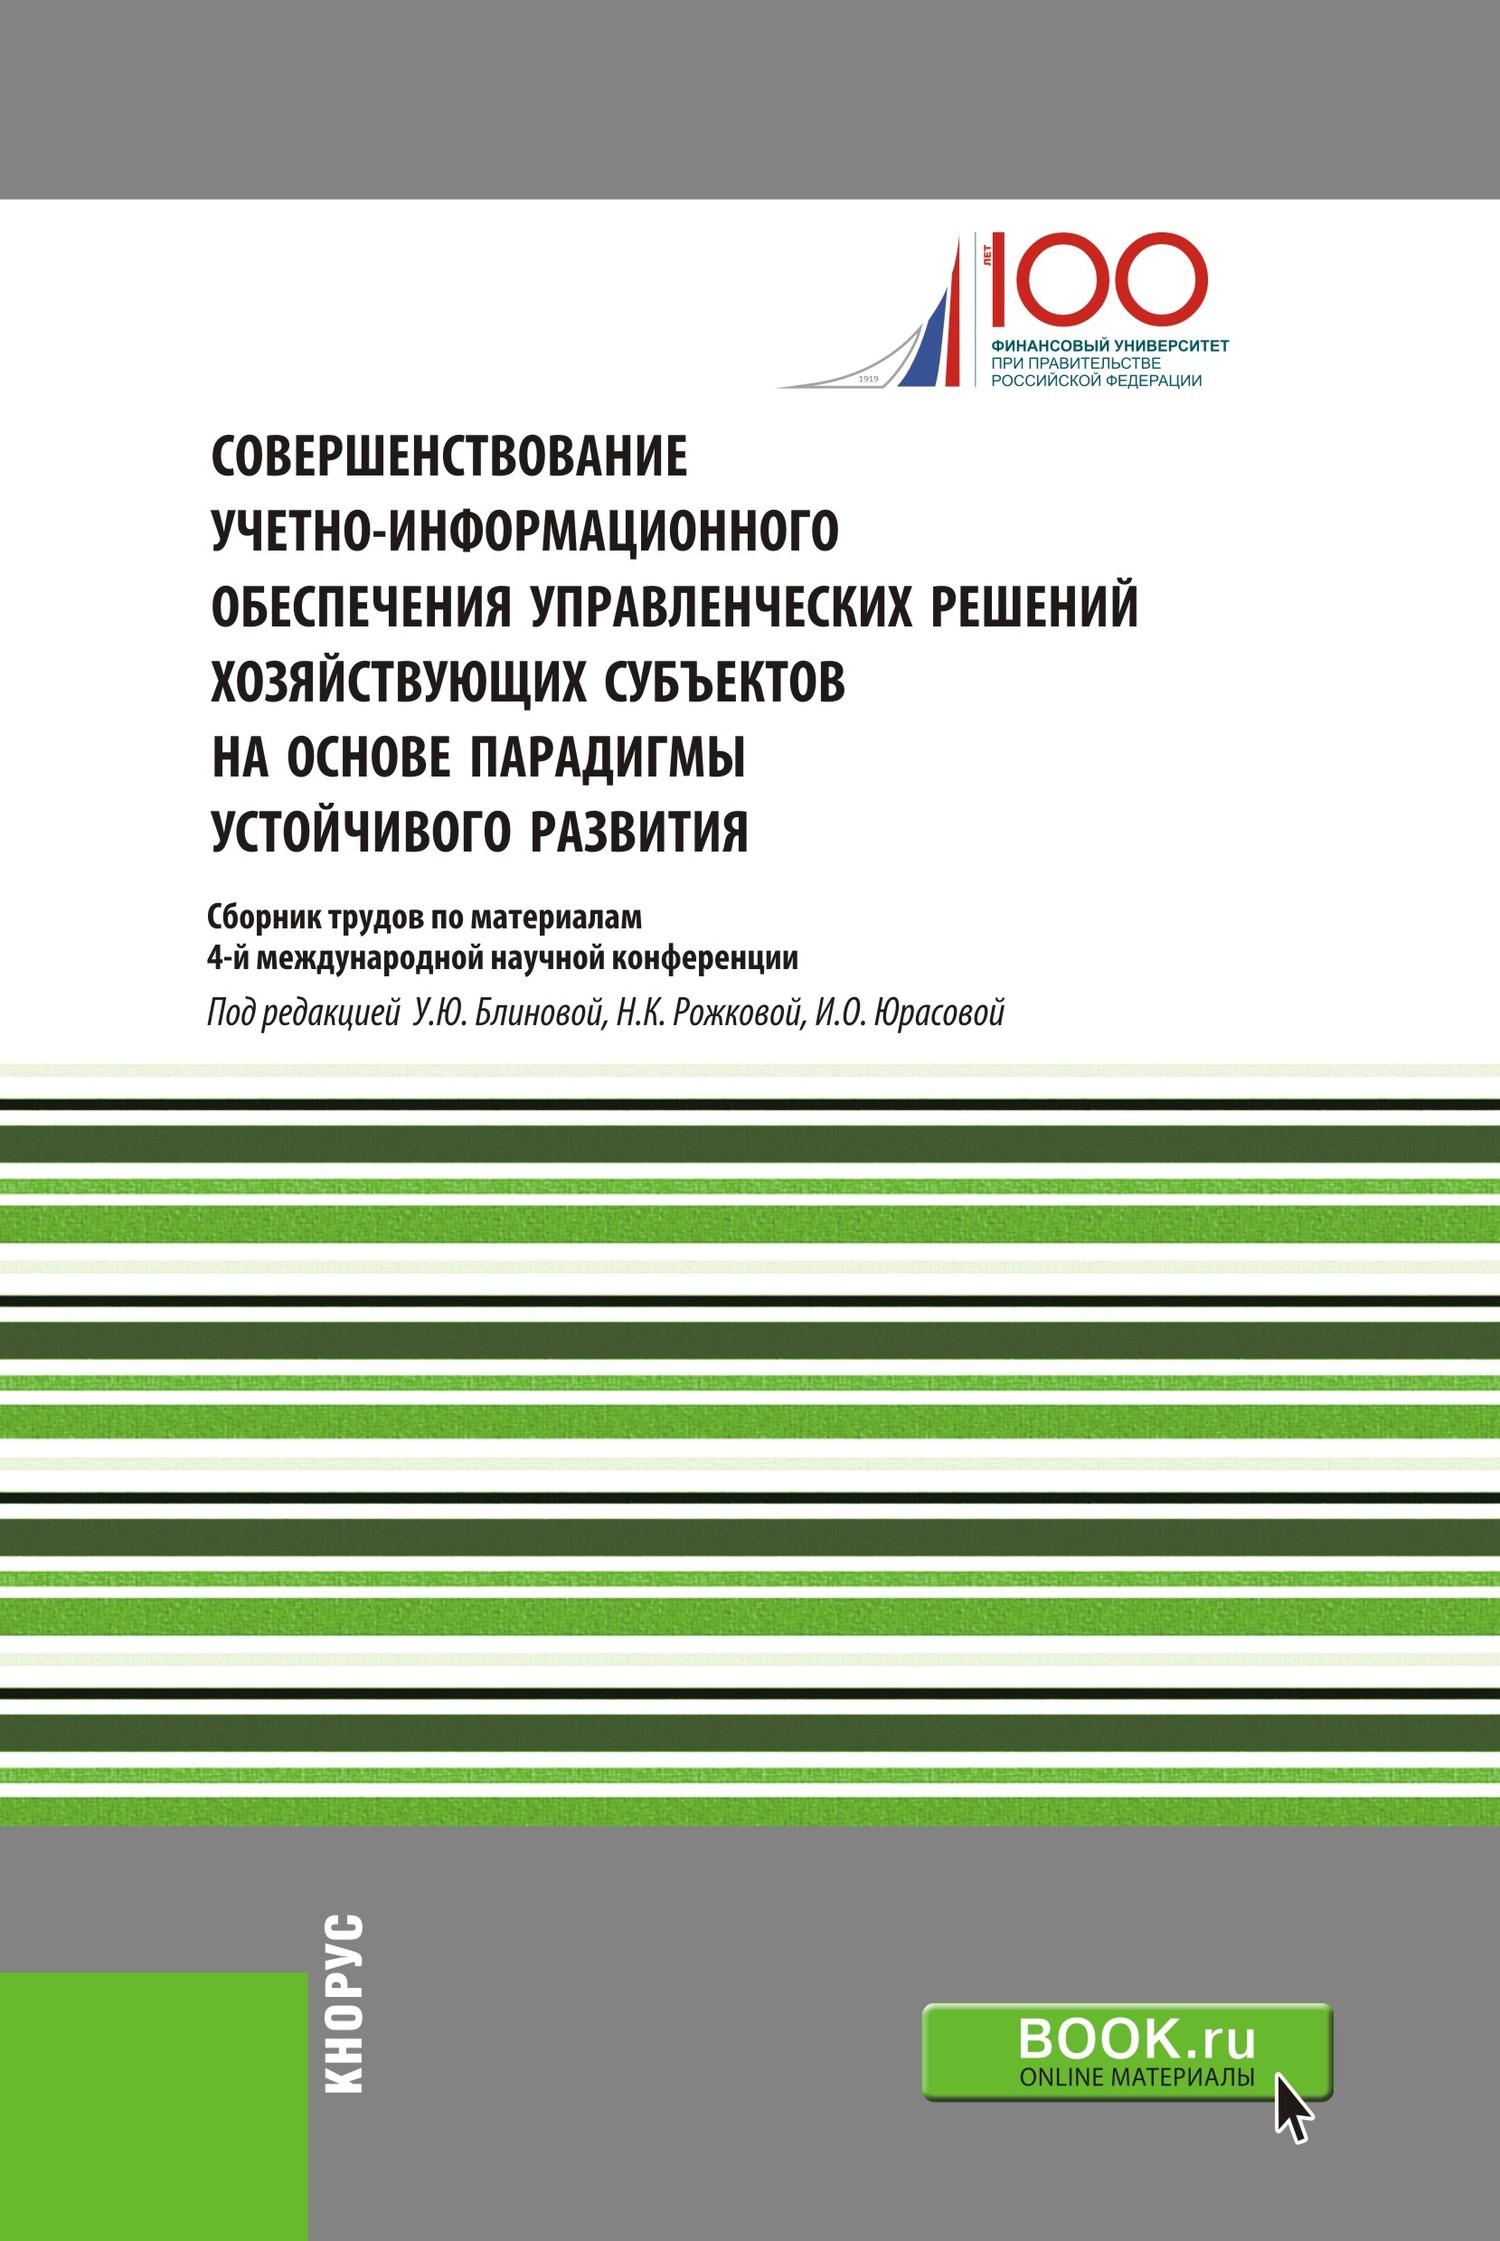 Совершенствование учетно-информационного обеспечения управленческих решений хозяйствующих субъектов на основе парадигмы устойчивого развития